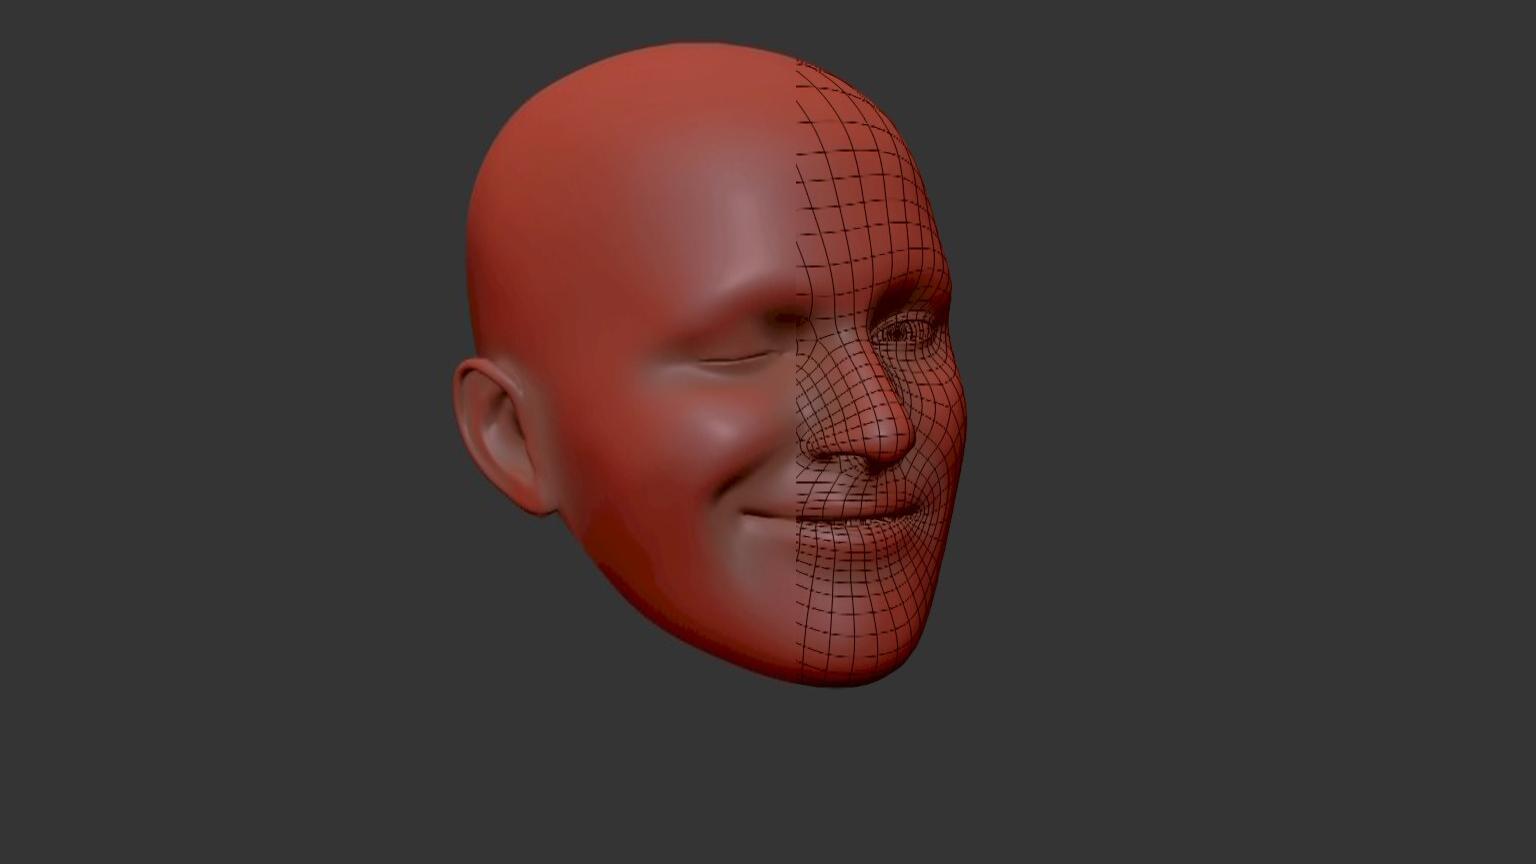 Séance d'information | Programme intensif en animation faciale 3D - Automne 2021